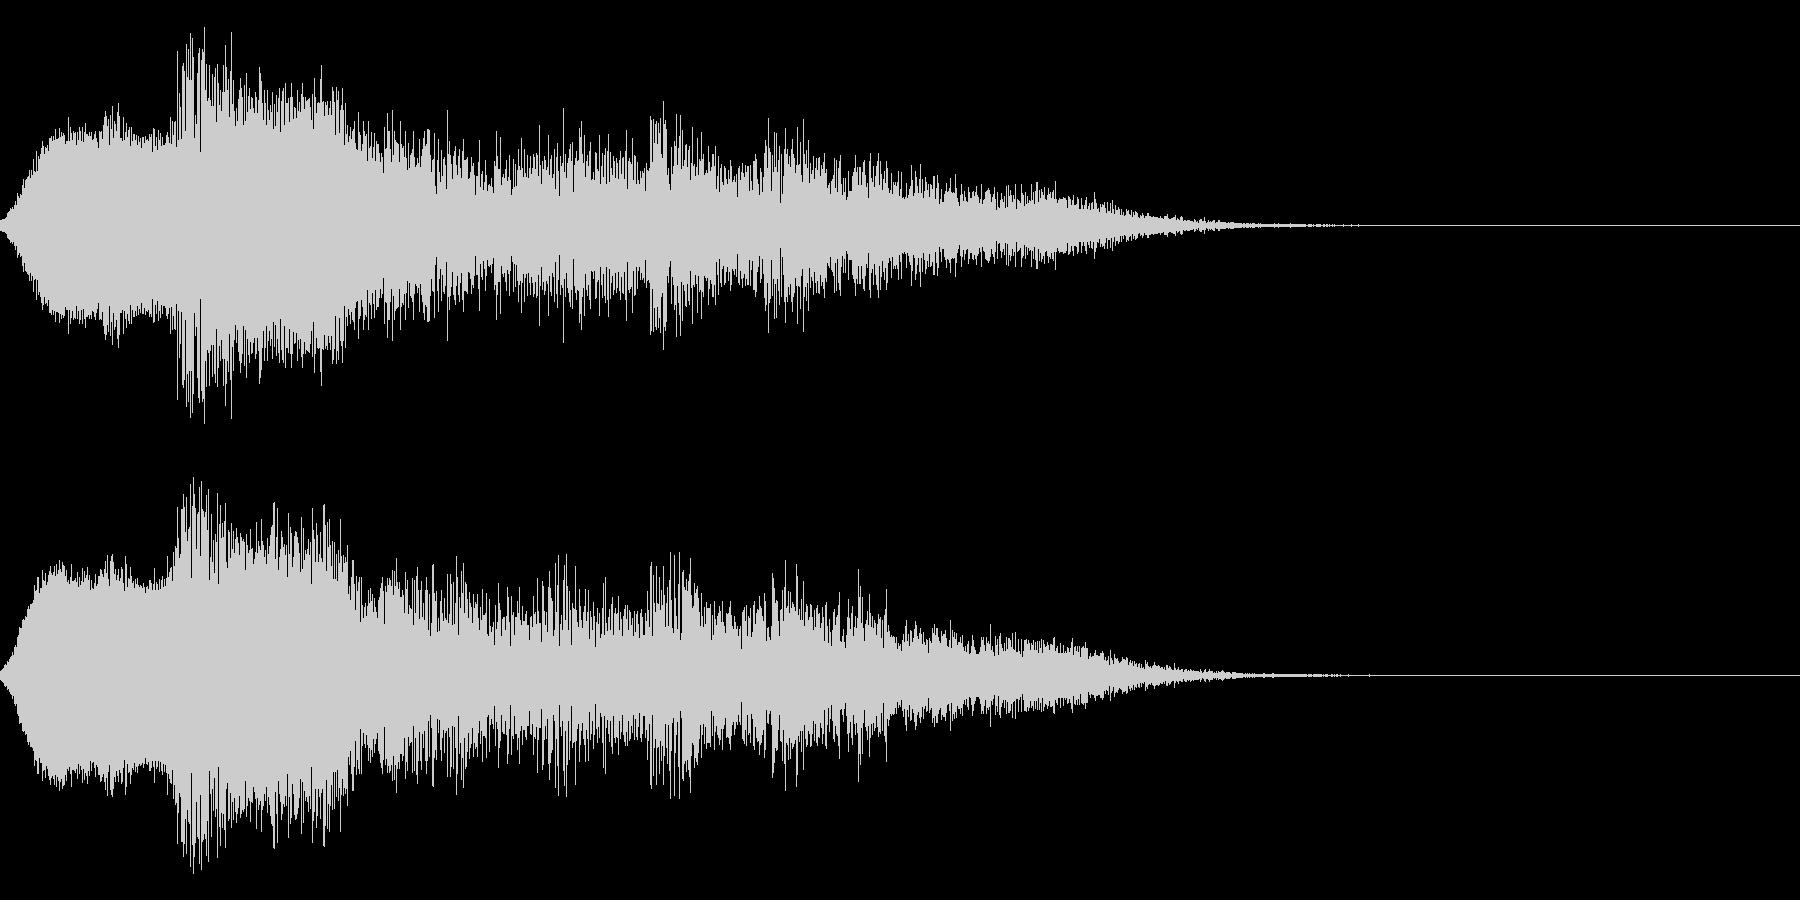 ハッピーニューイヤー ボイス&花火ロゴ1の未再生の波形